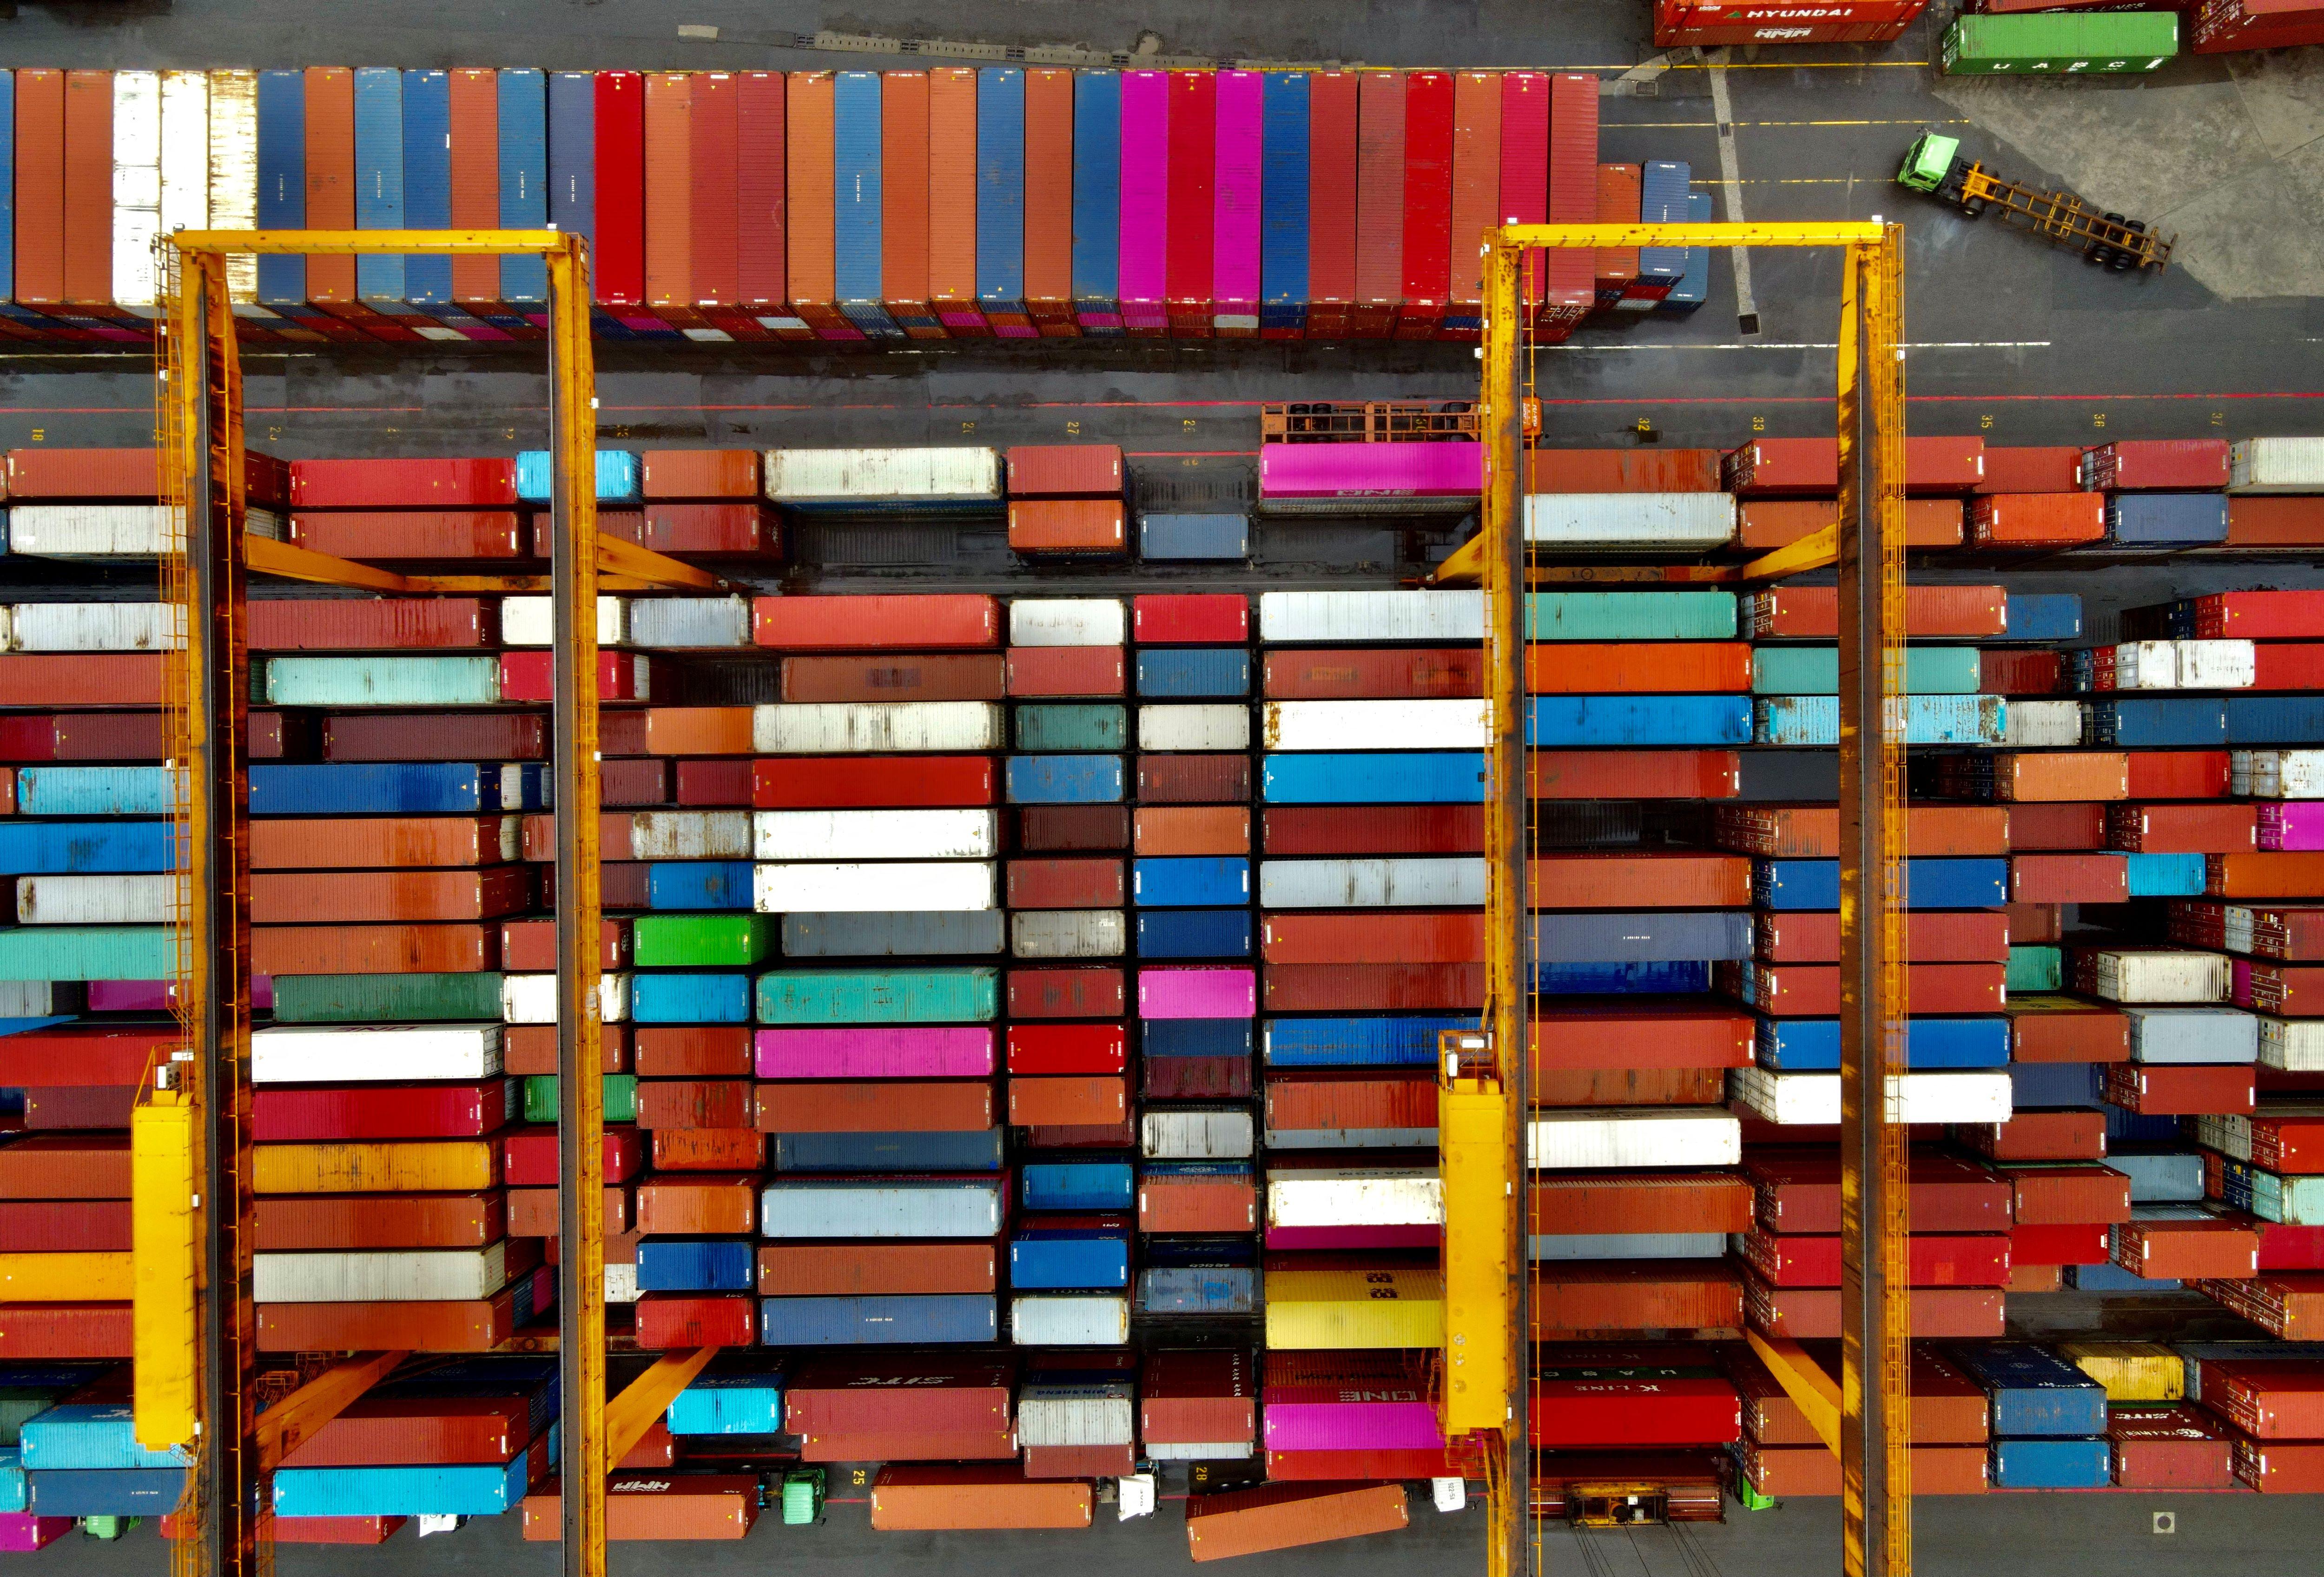 Rossz helyen halmokban álló üres konténerek bénítják a világkereskedelmet